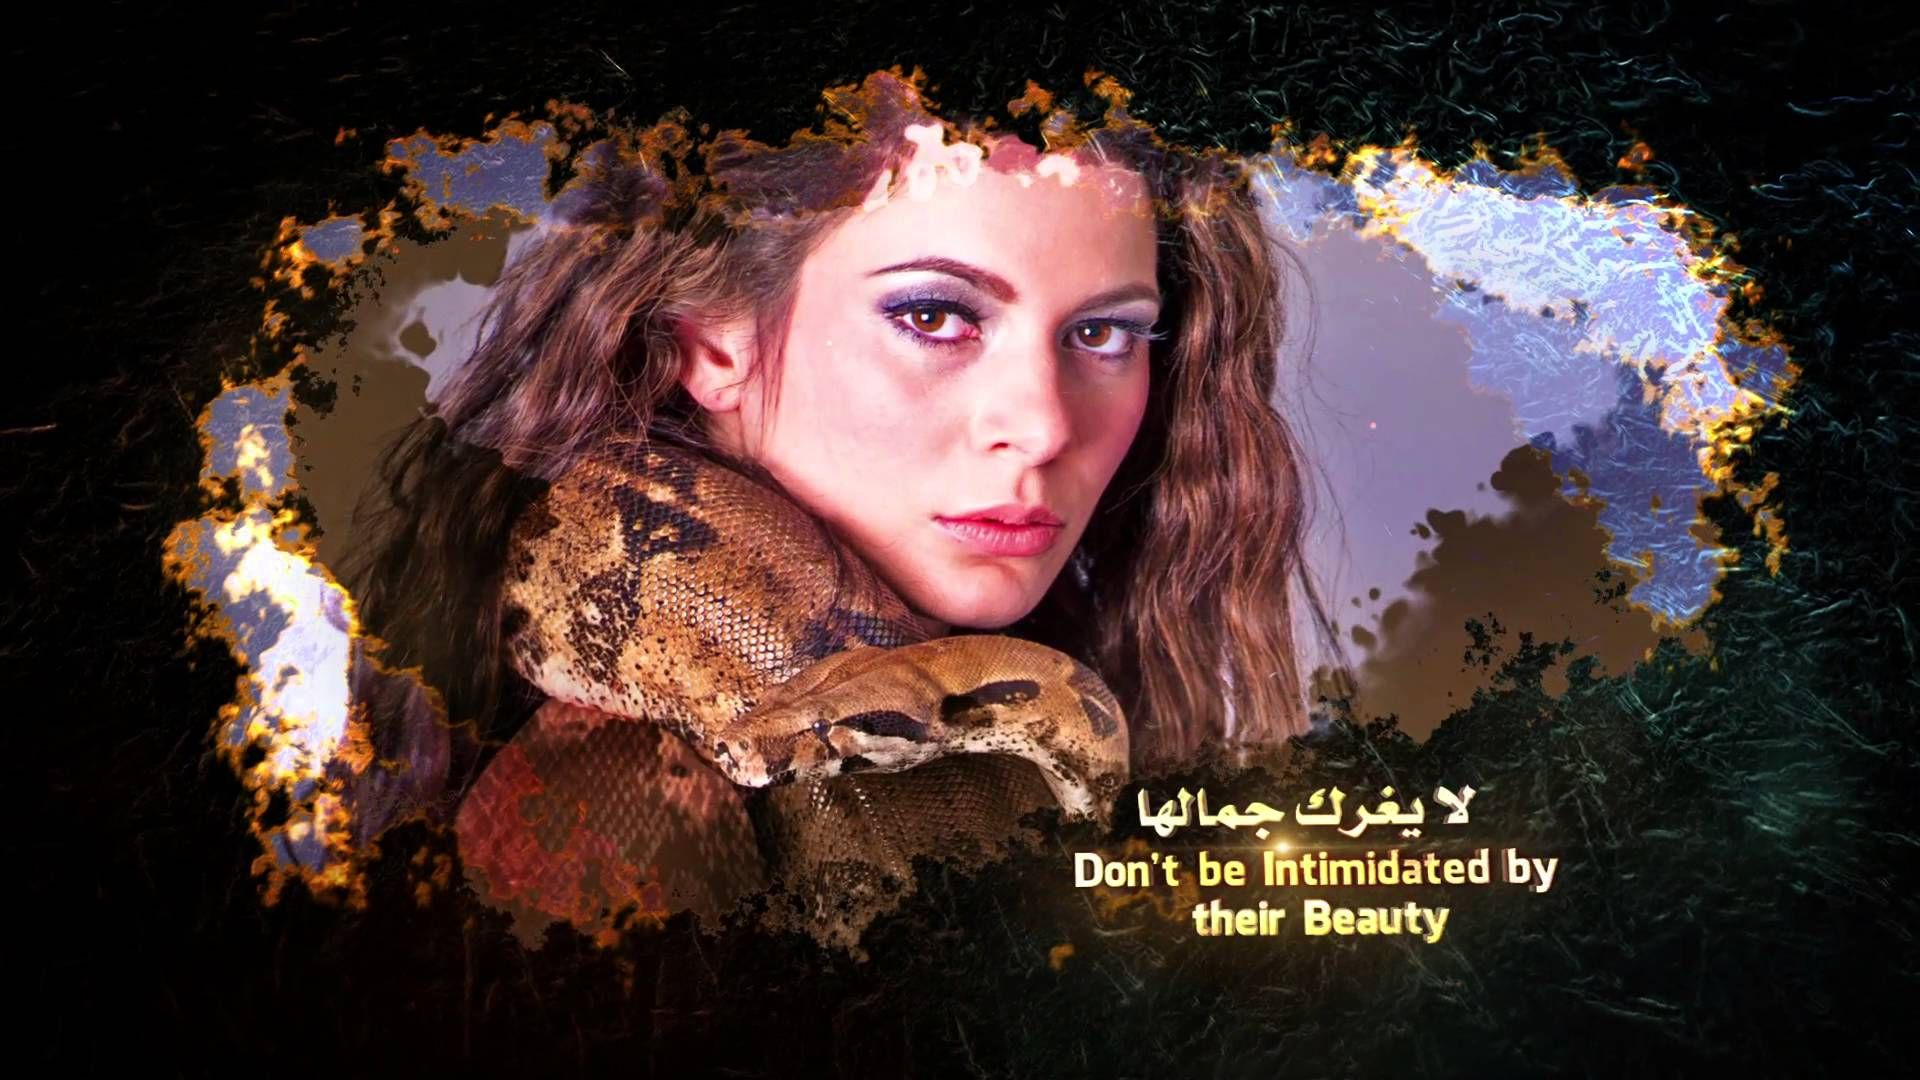 كامل بدوي عالم الثعابين الثعبان في الأمثال Kamel Badawi World Of Snakes Snakes Idioms 23 World Nose Ring Snake